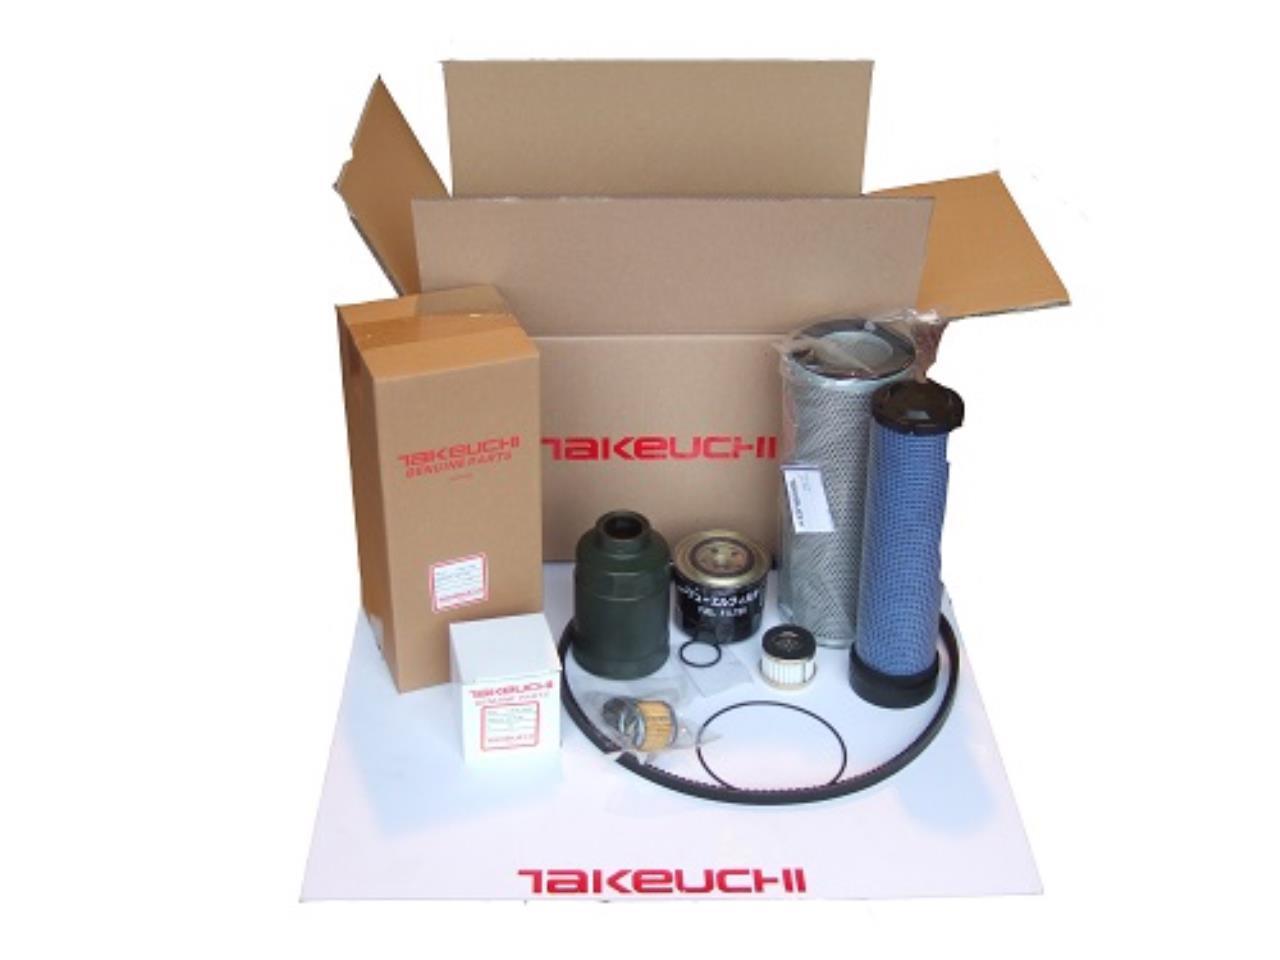 Takeuchi TB1140F2 filtersæt fra s/n: 51420000